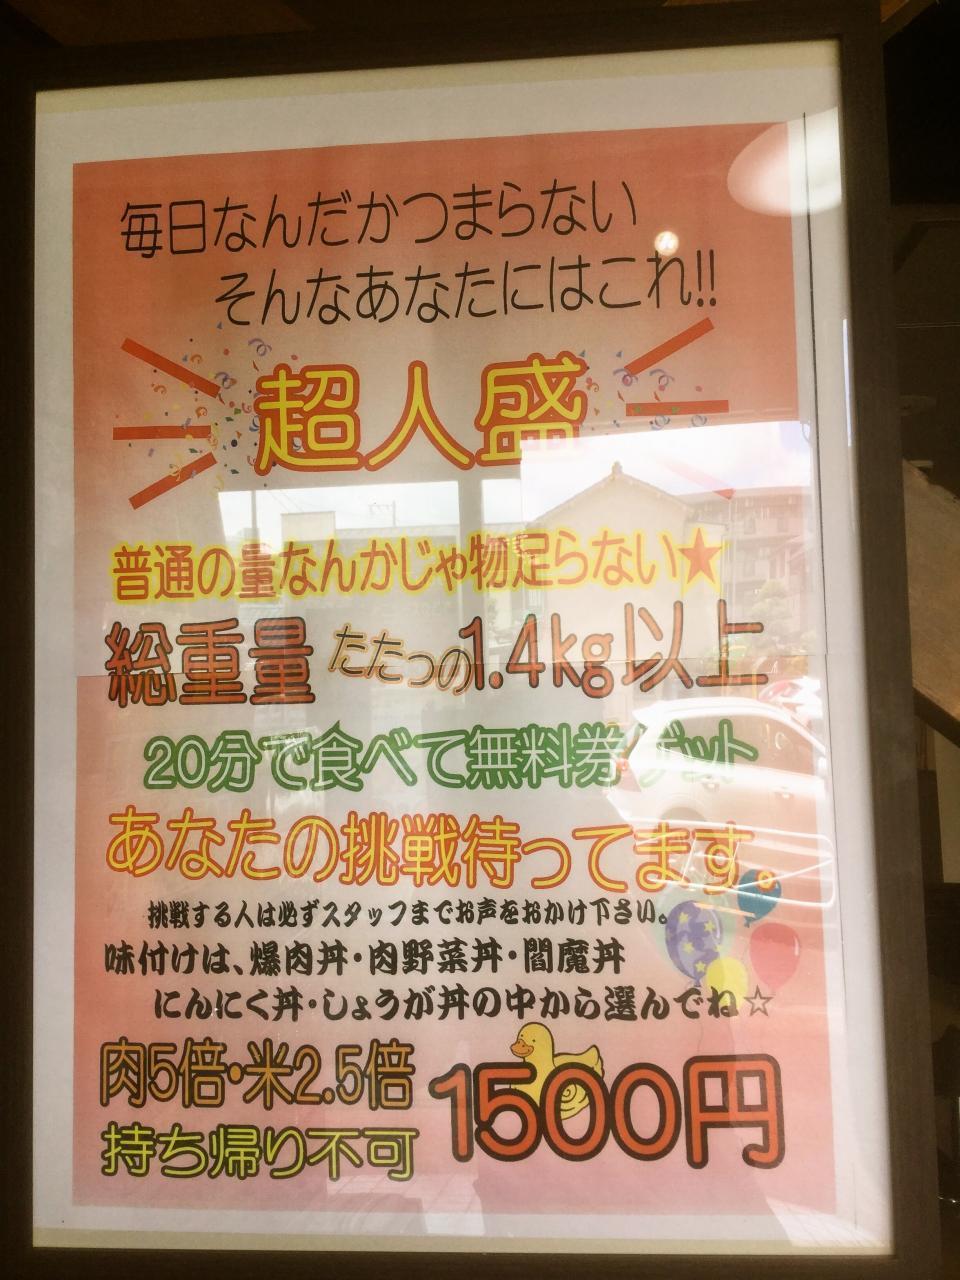 爆肉丼の店 七色(チャレンジメニュー)